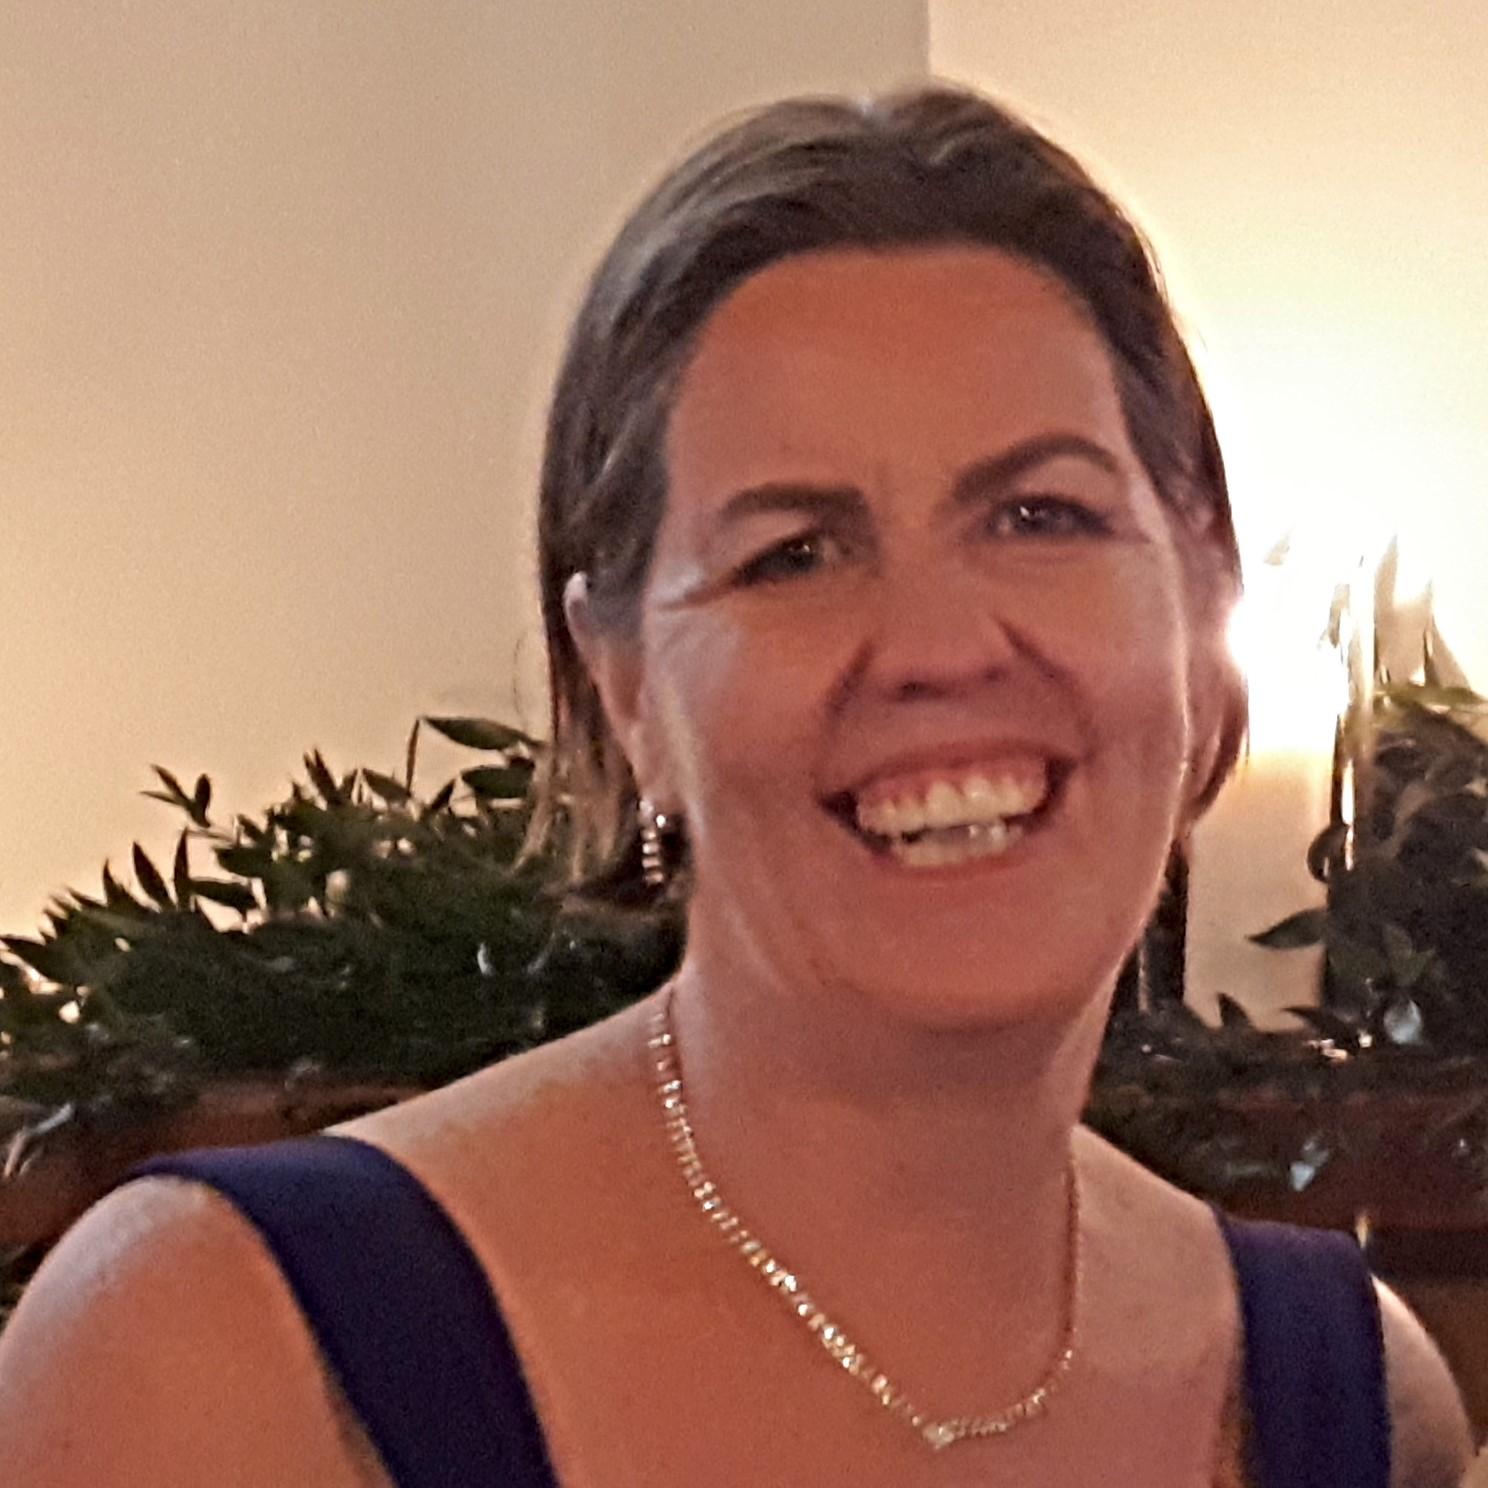 Erin Hassett